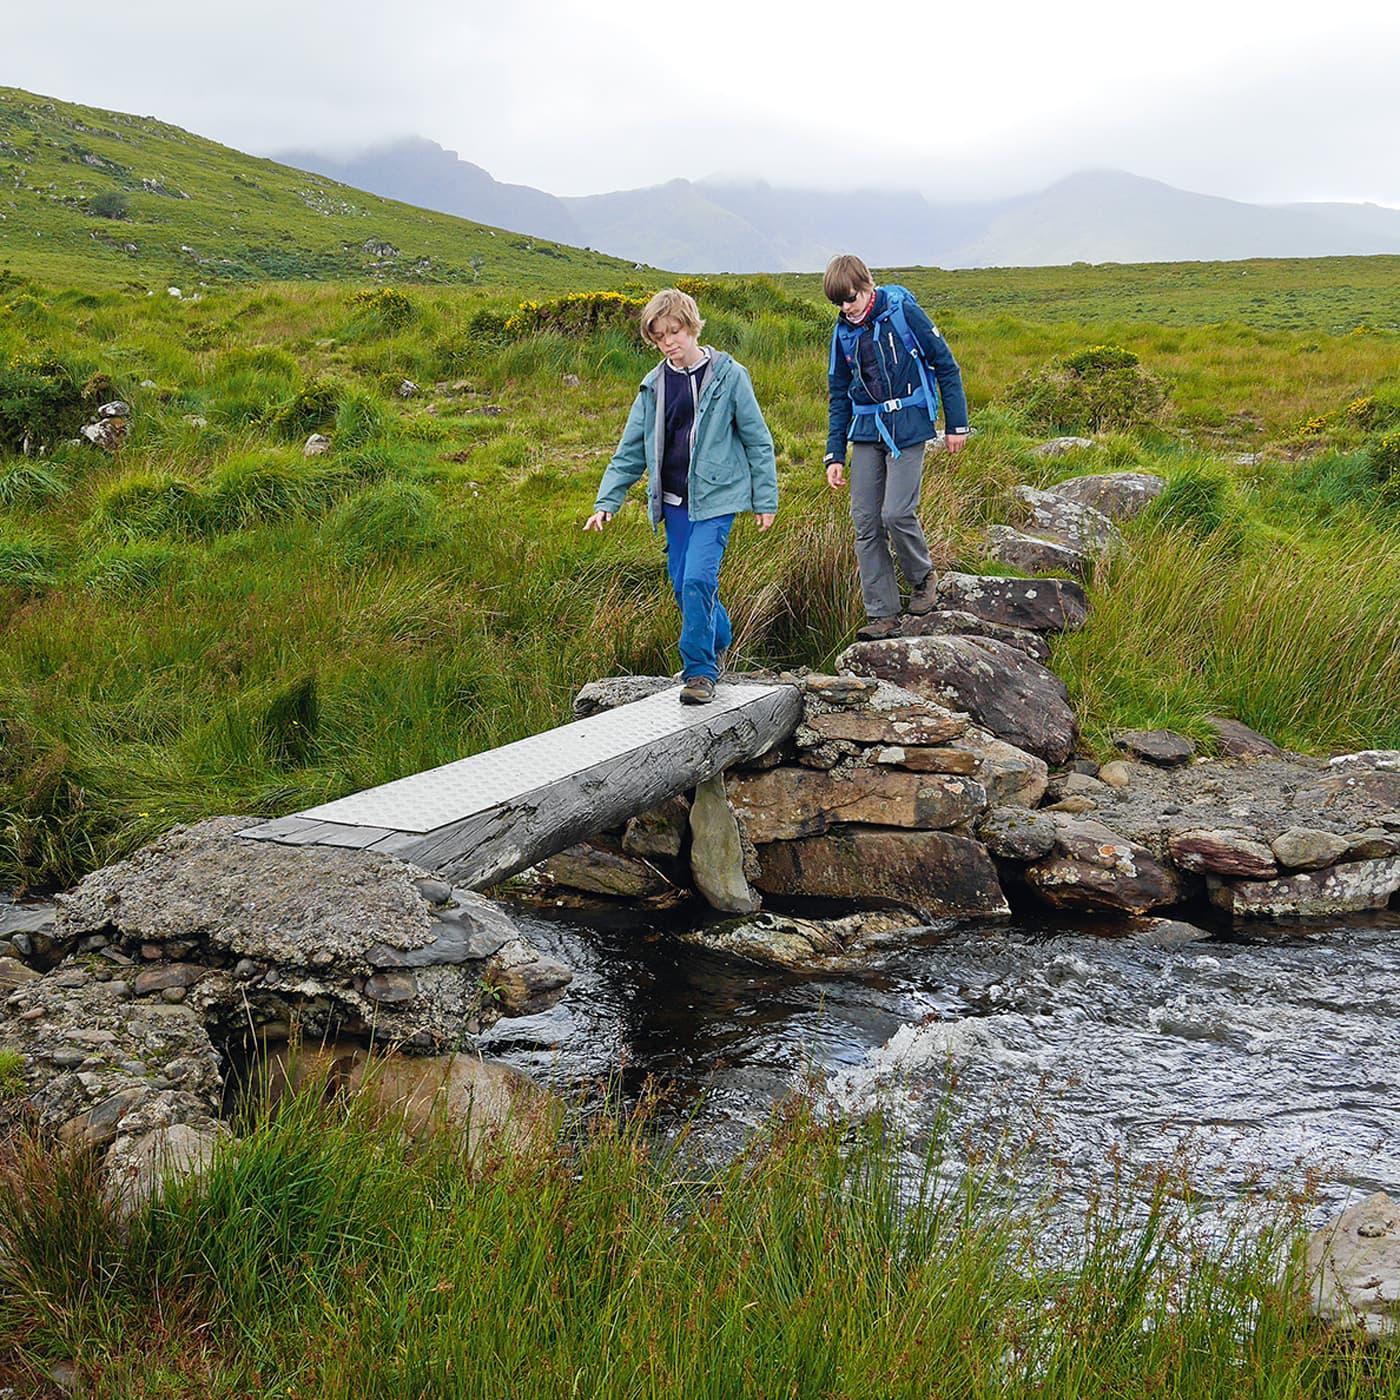 Naturzeit-Reisetipps für Familien: Irland mit Kindern // HIMBEER